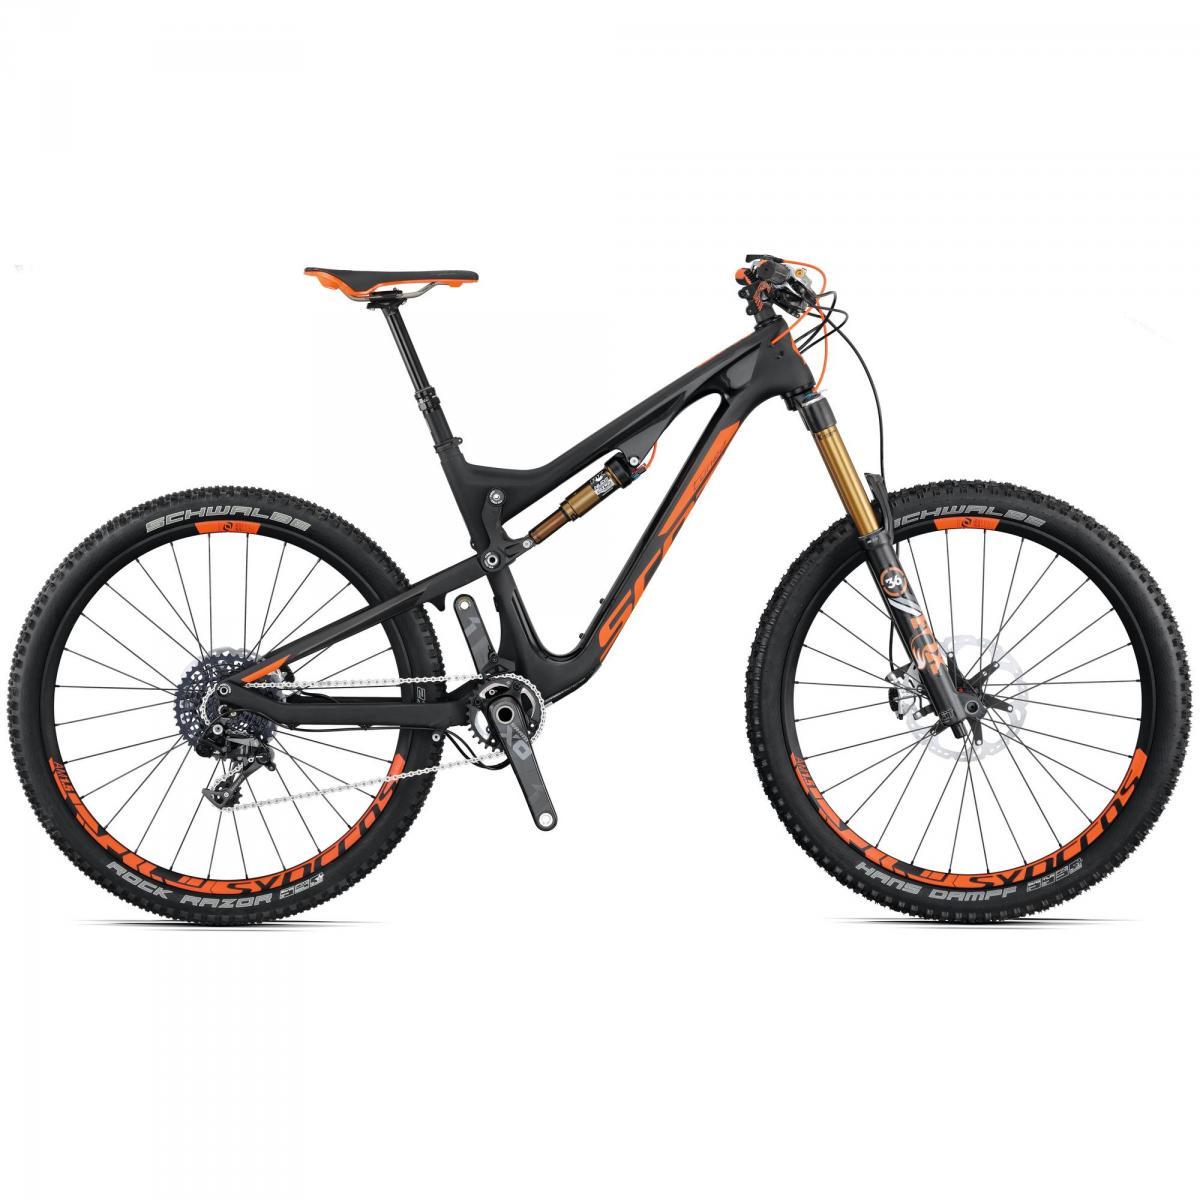 Scott Scott Genius 700lt Tuned Mountain Bike Reviews